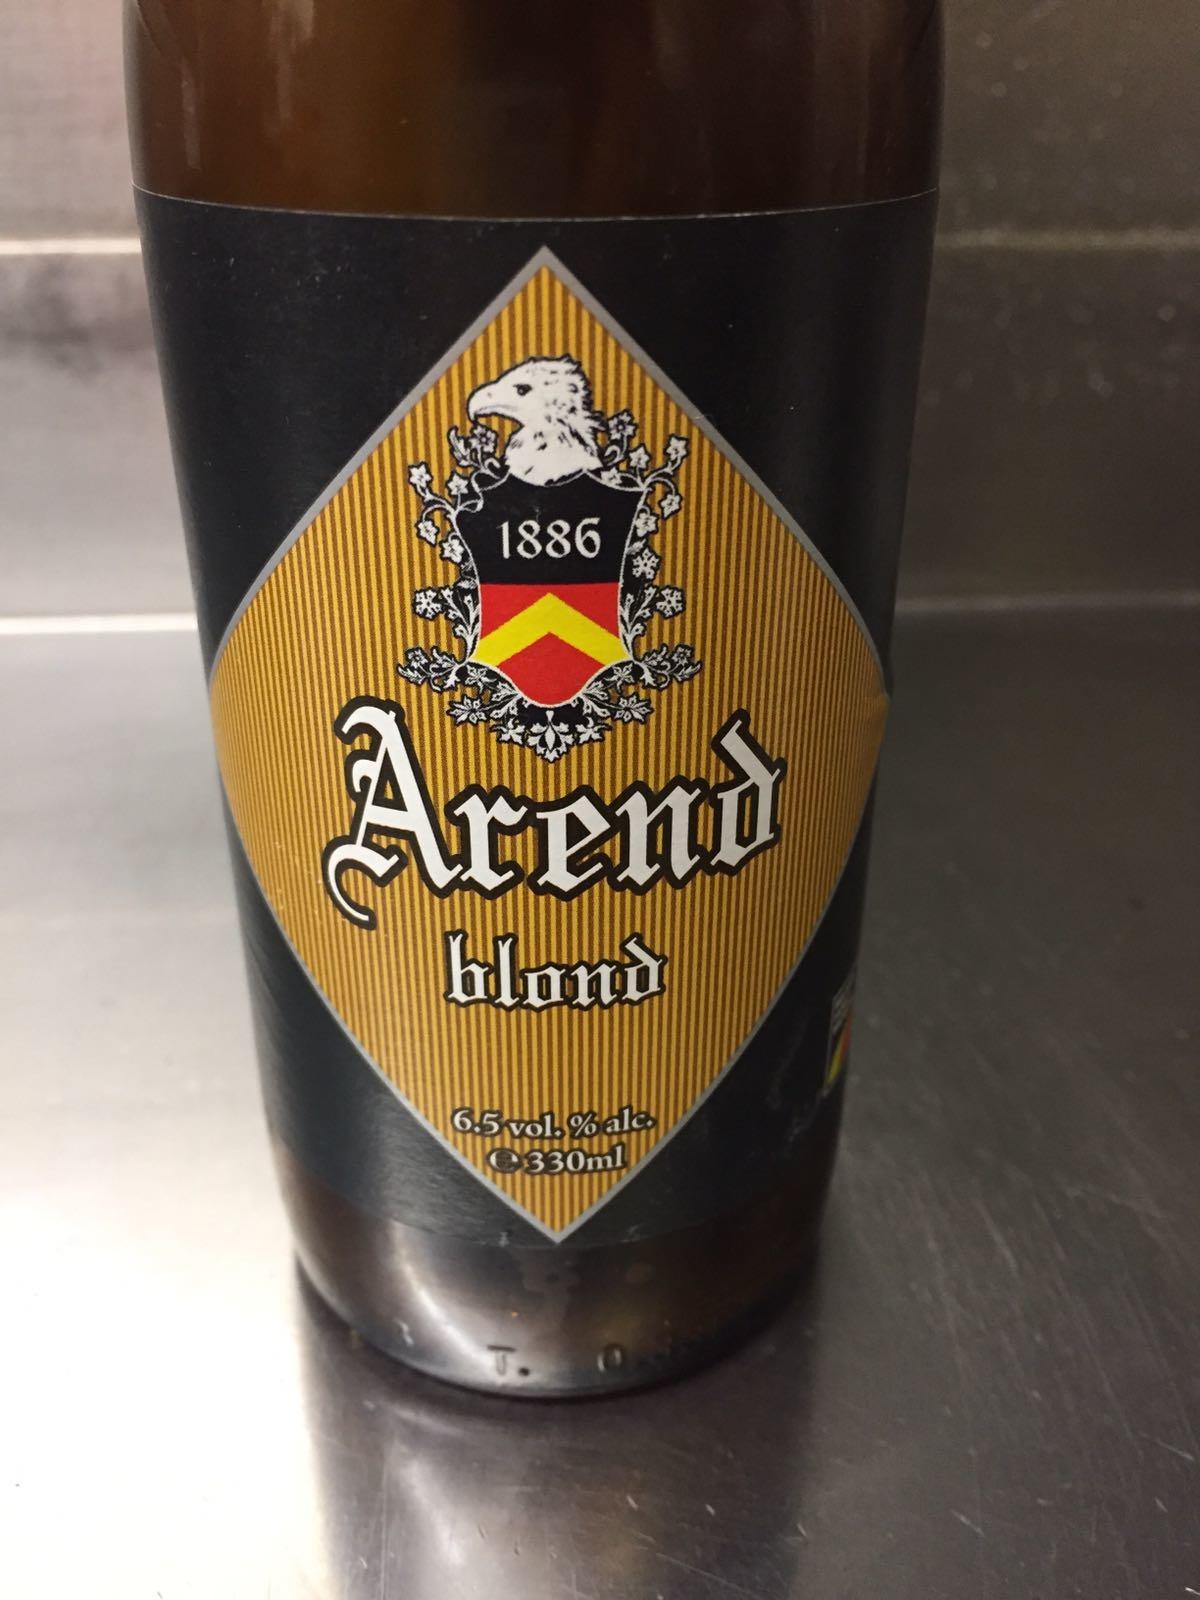 """Arend Blond Herkomst: Herzele, België Goudgeel blondbier afkomstig van brouwerij de Ryck. Wij zullen je in een vogelvlucht meenemen door de aroma's van dit bier. De bittere smaak is niet storend voor de rest van het smakenpalet wat wordt gecompleteerd met hoppigheid en granny smith. De geur is een combinatie van speculaas en limoen. De productlijn van Arend heette in eerste instantie Kanon. Omdat het openen van een fles vaak gepaard ging met een luide knal. Maar omdat het toch echt een familiebedrijf is en de brouwerij als eerste de naam """"De Gouden Arend"""" had, werd er besloten om de productlijn """"Arend"""" te noemen. Het bier heeft een alcoholpercentage van 6,5%. Advies serveertemperatuur: 6 graden."""